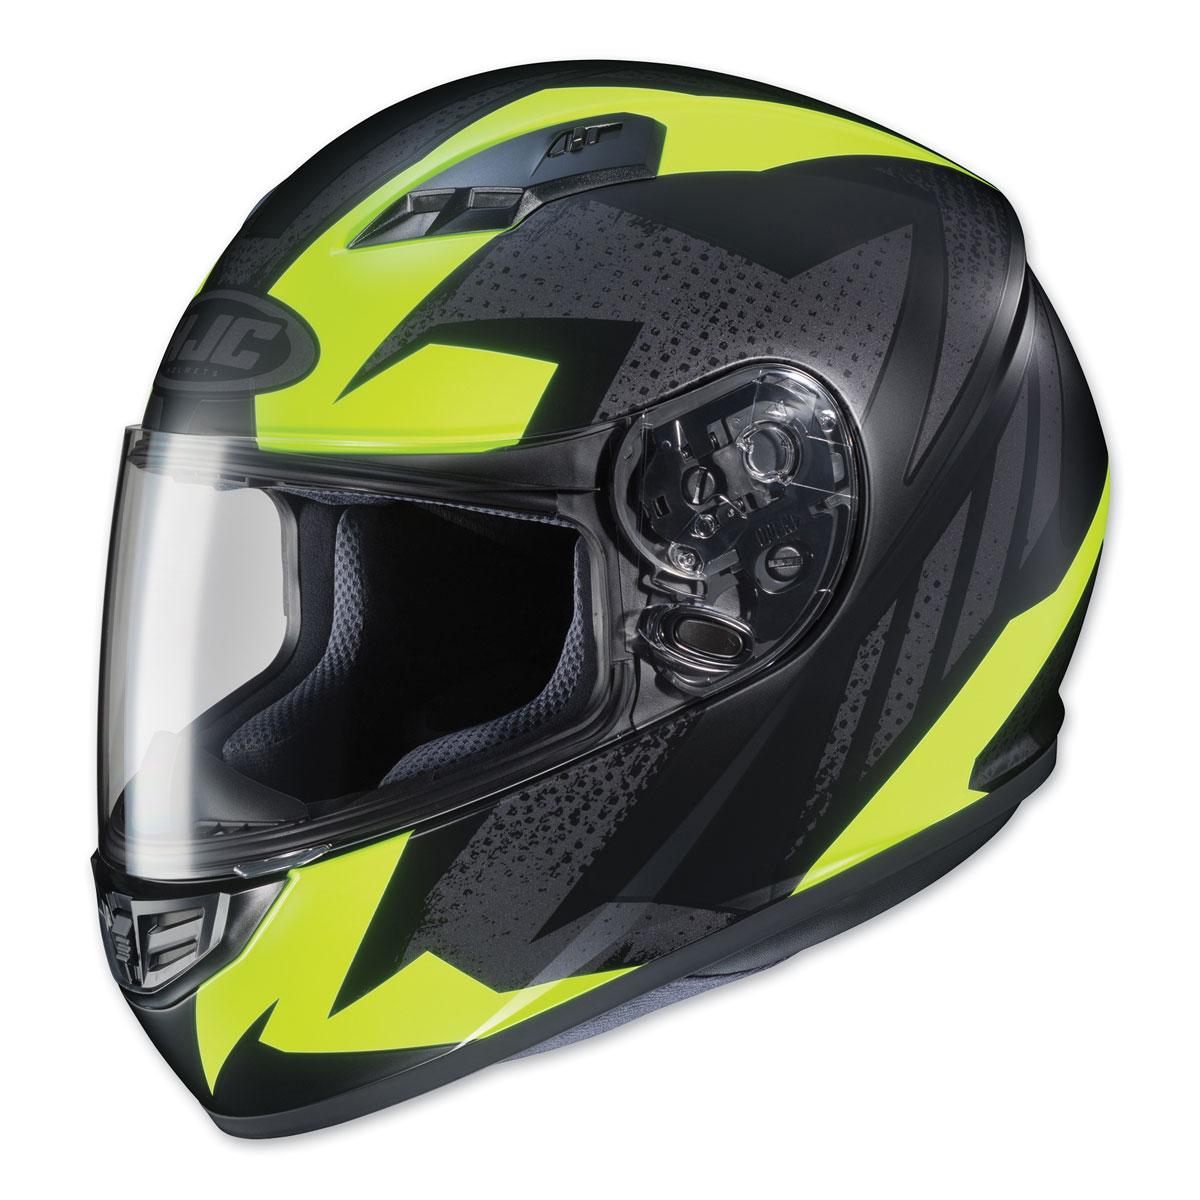 HJC CS-R3 Treague Hi-Viz/Gray Full Face Helmet